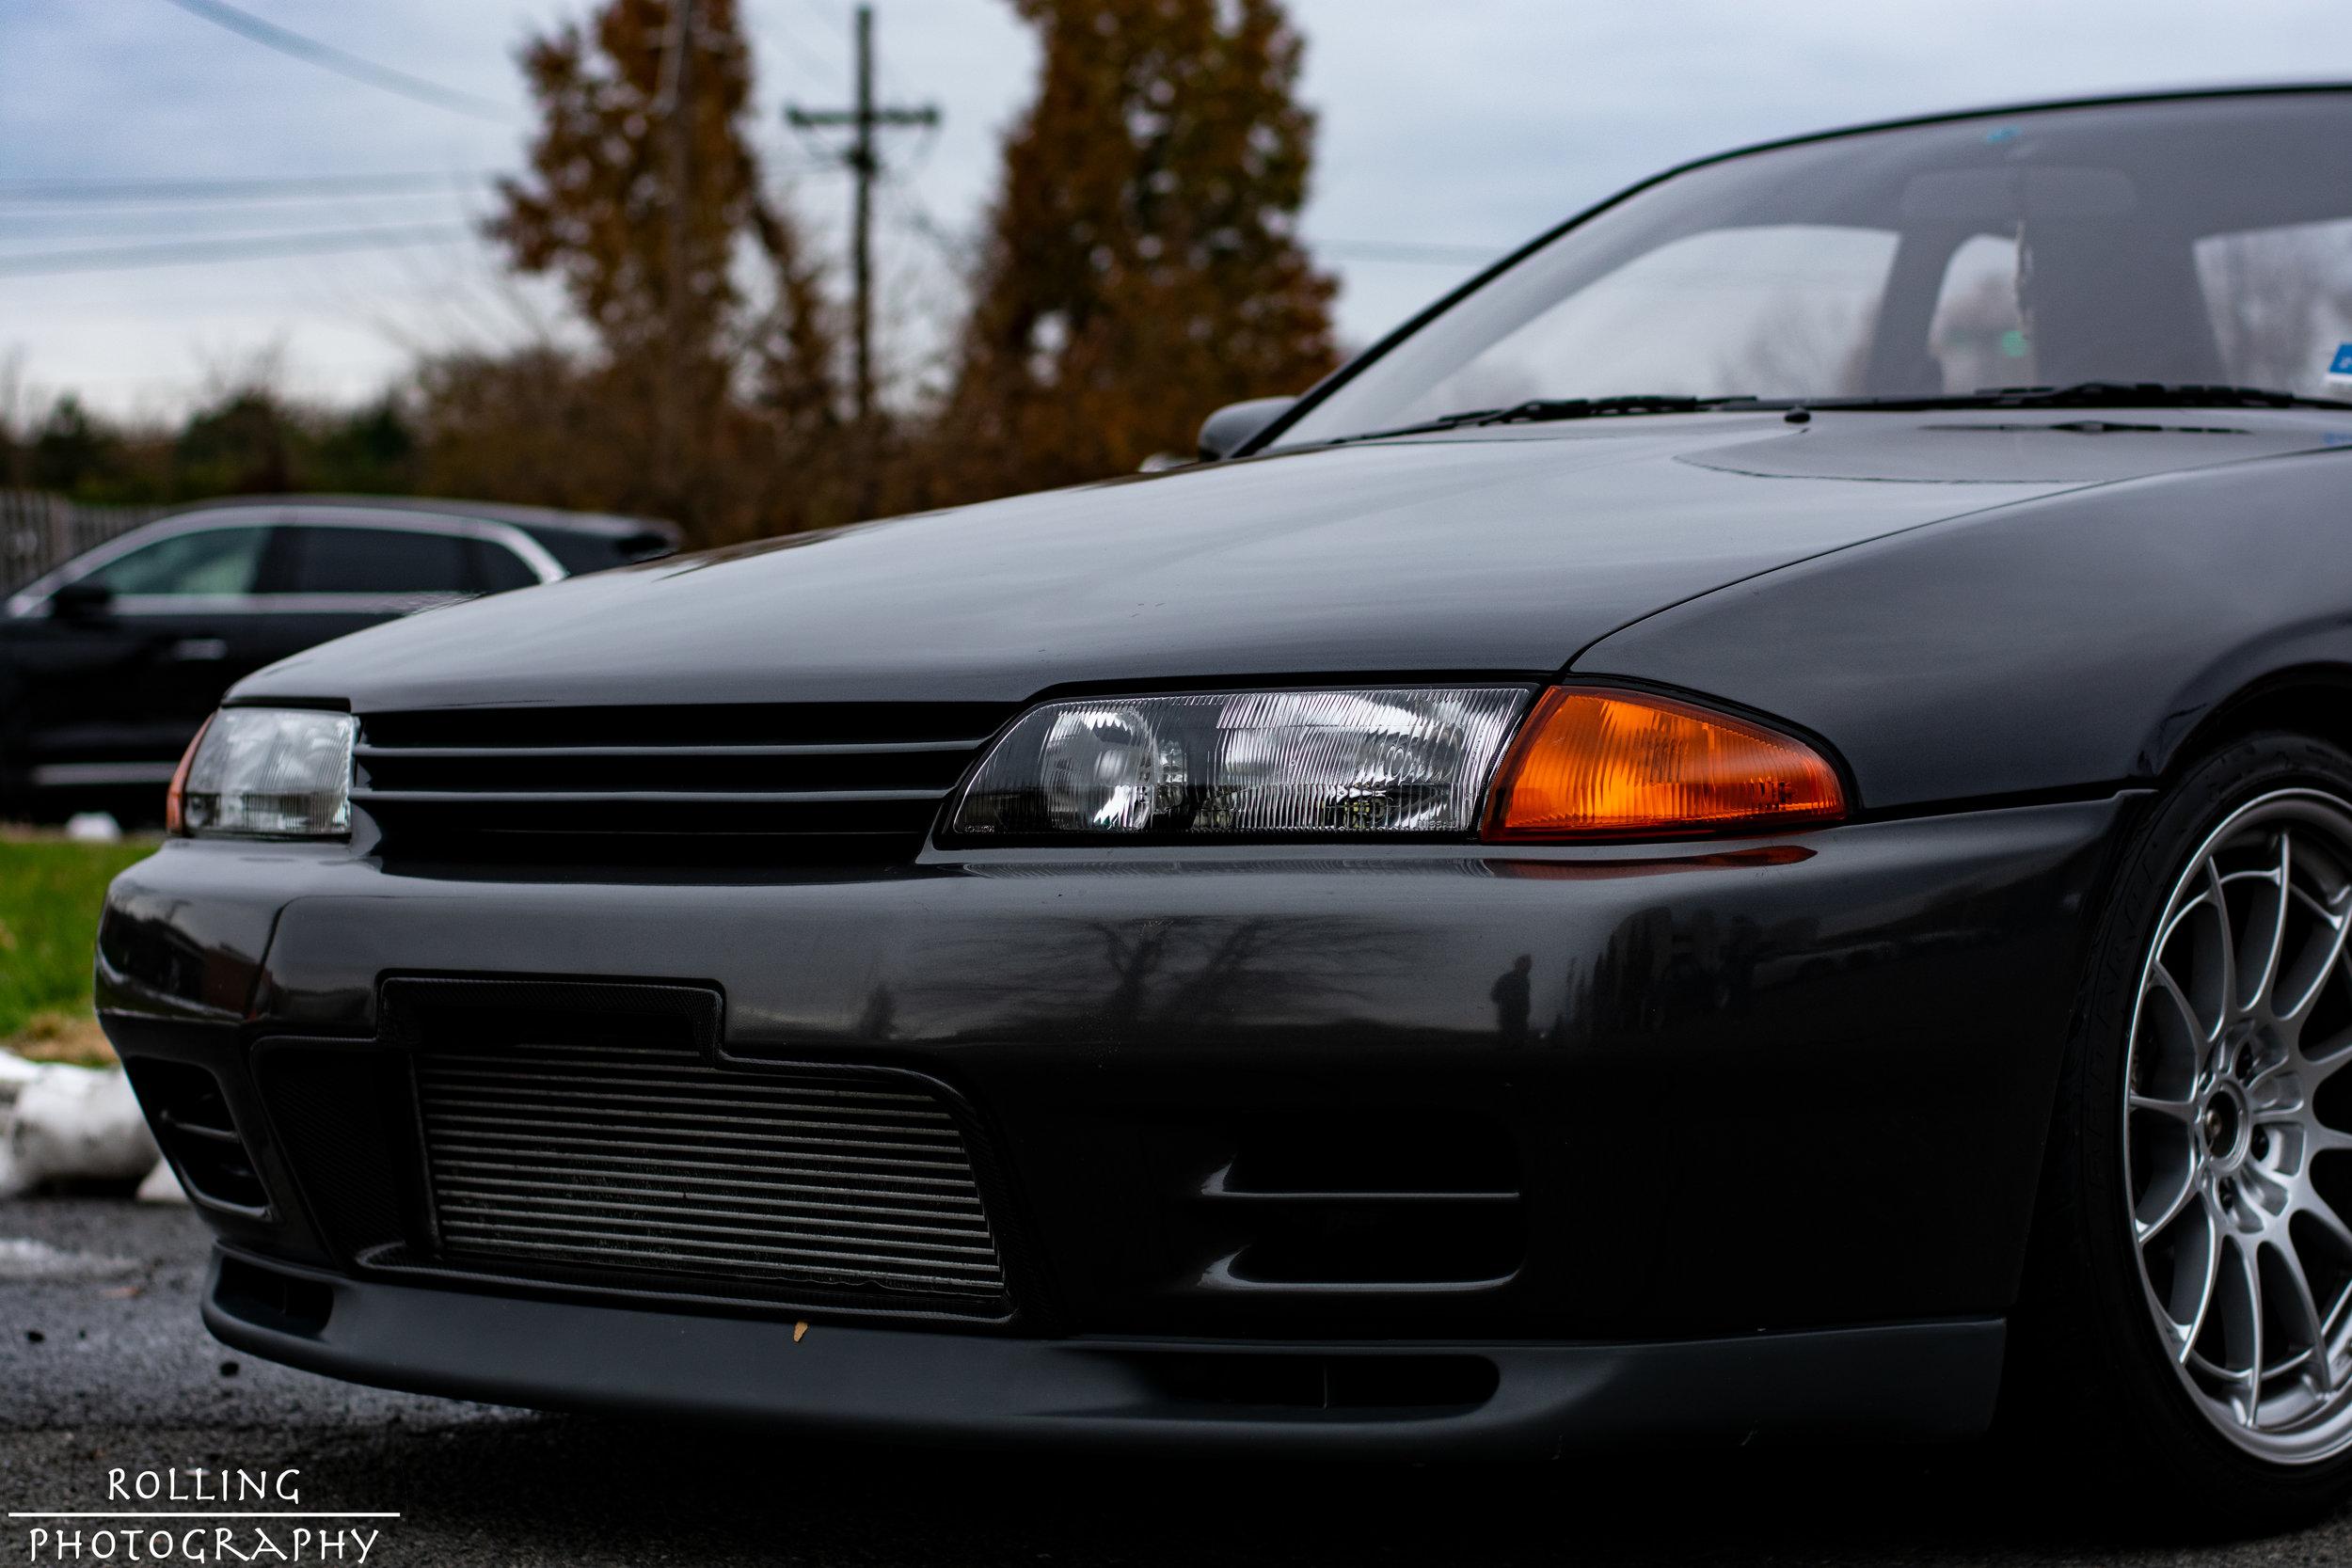 Nissan Skyline R32 GTR Front Left.jpg